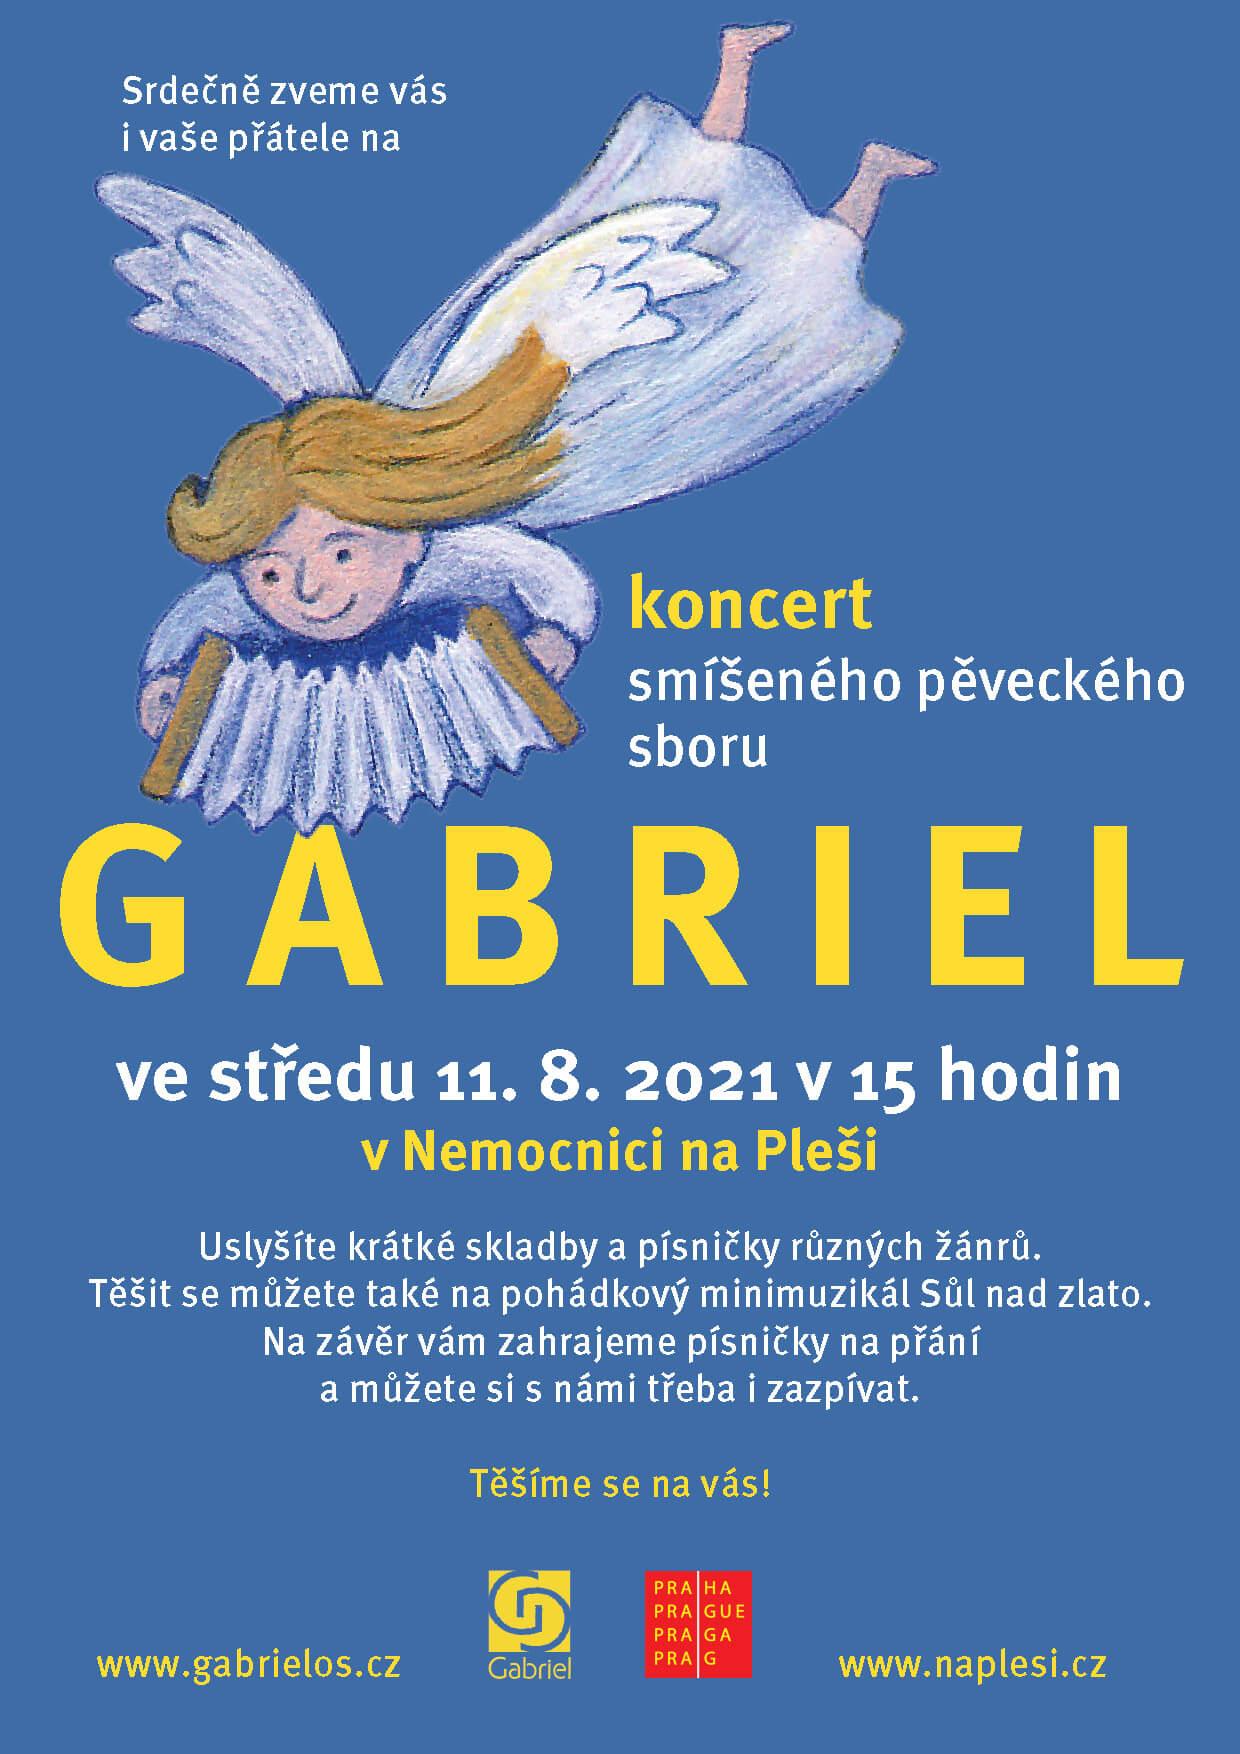 Koncert pěveckého sboru Gabriel